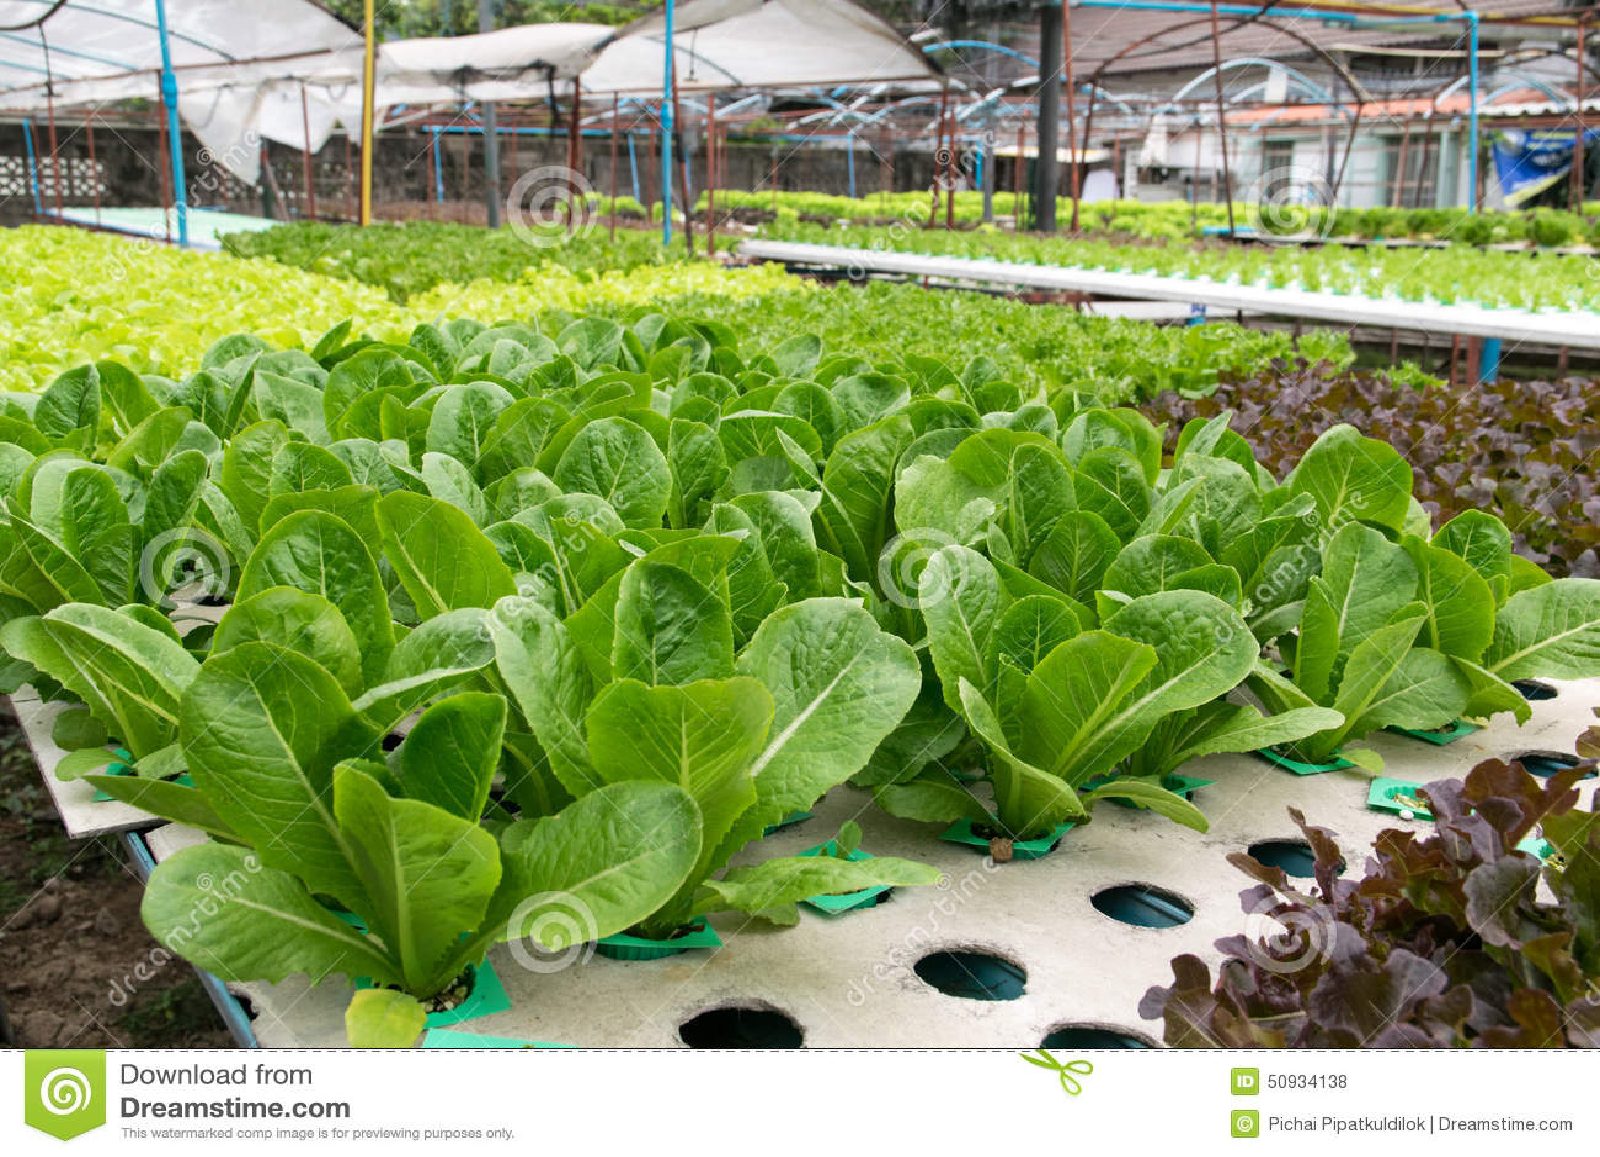 Crescimento de vegetais hidropônico na estufa